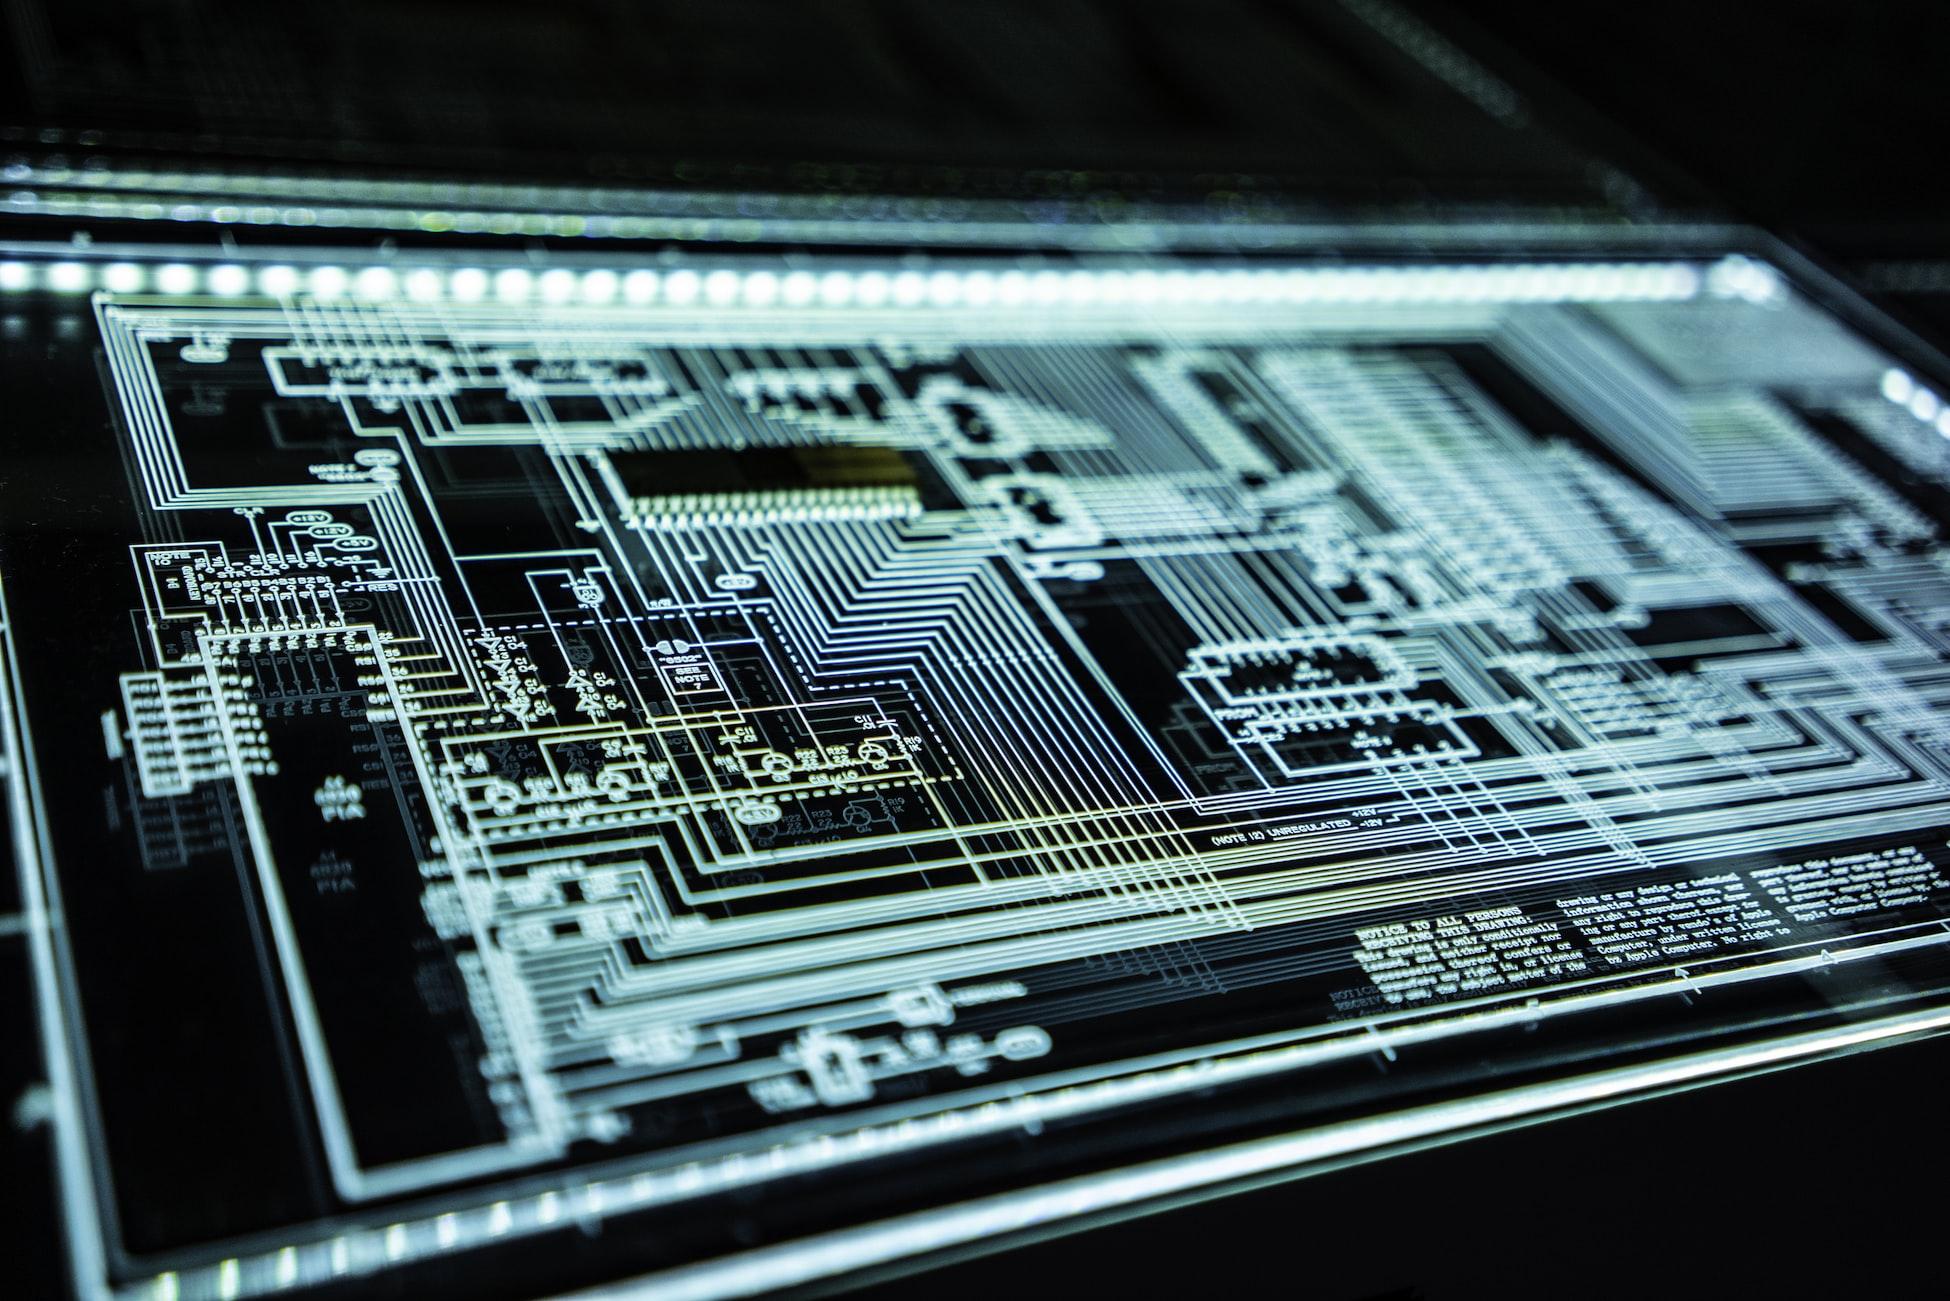 Diseño de Circuitos Electrónicos por Adi Goldstein